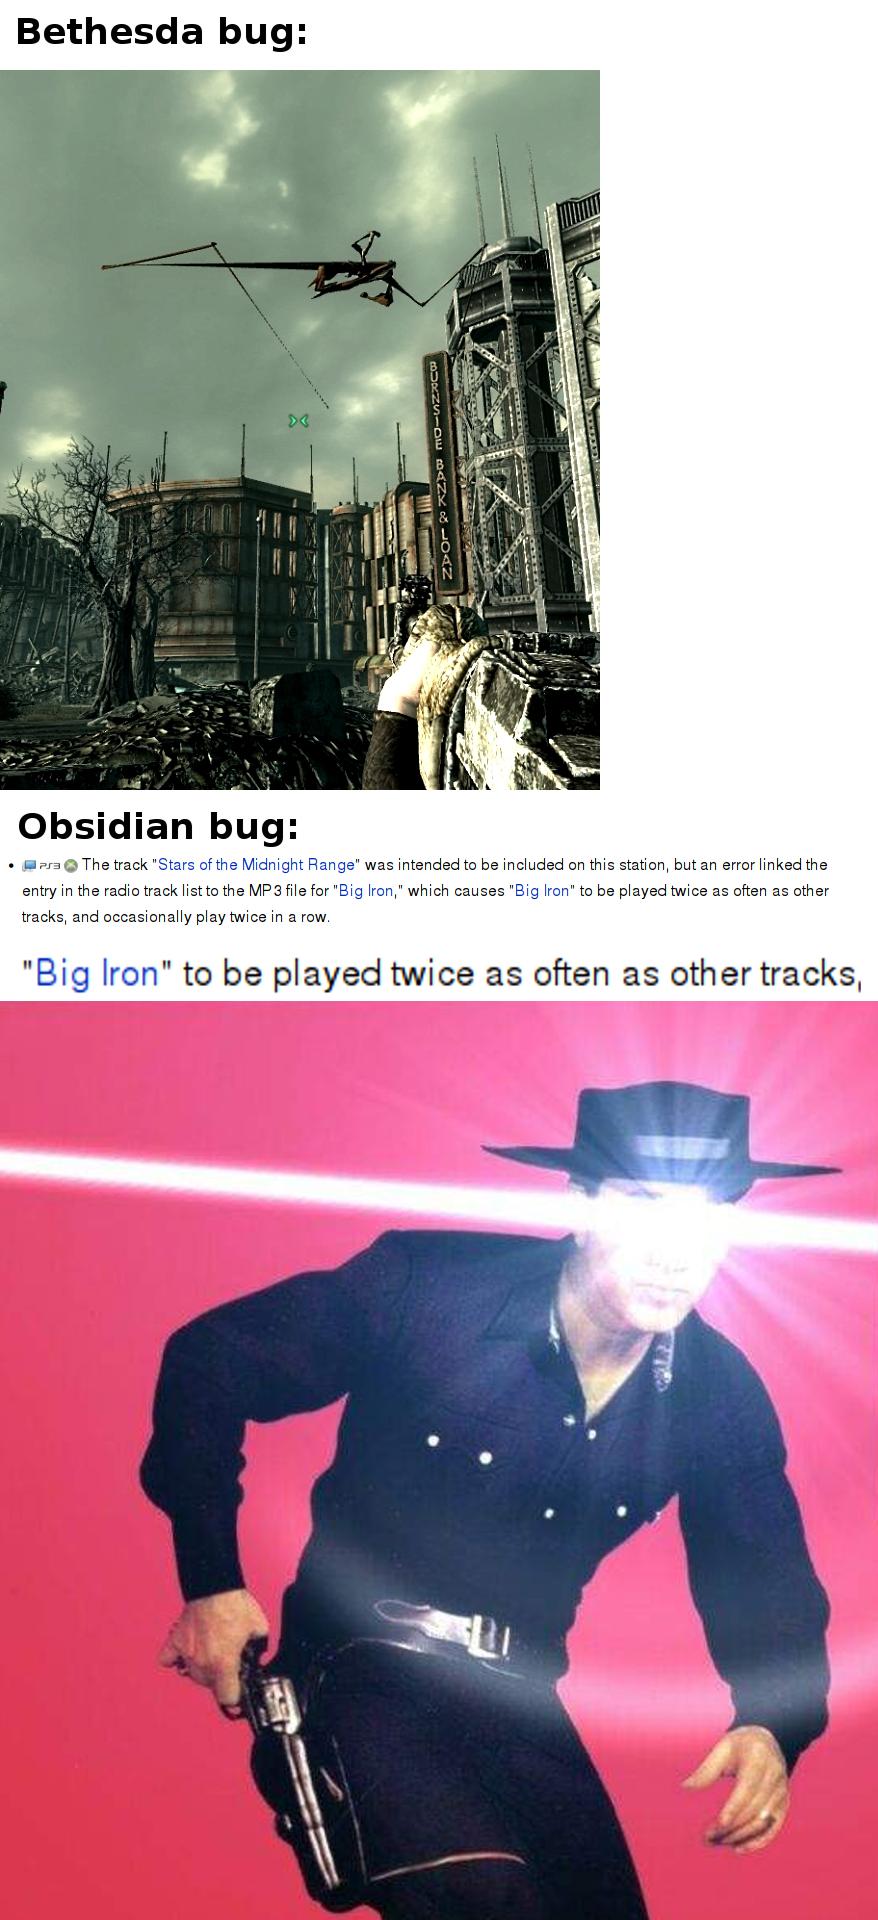 [Big Iron intensifies]